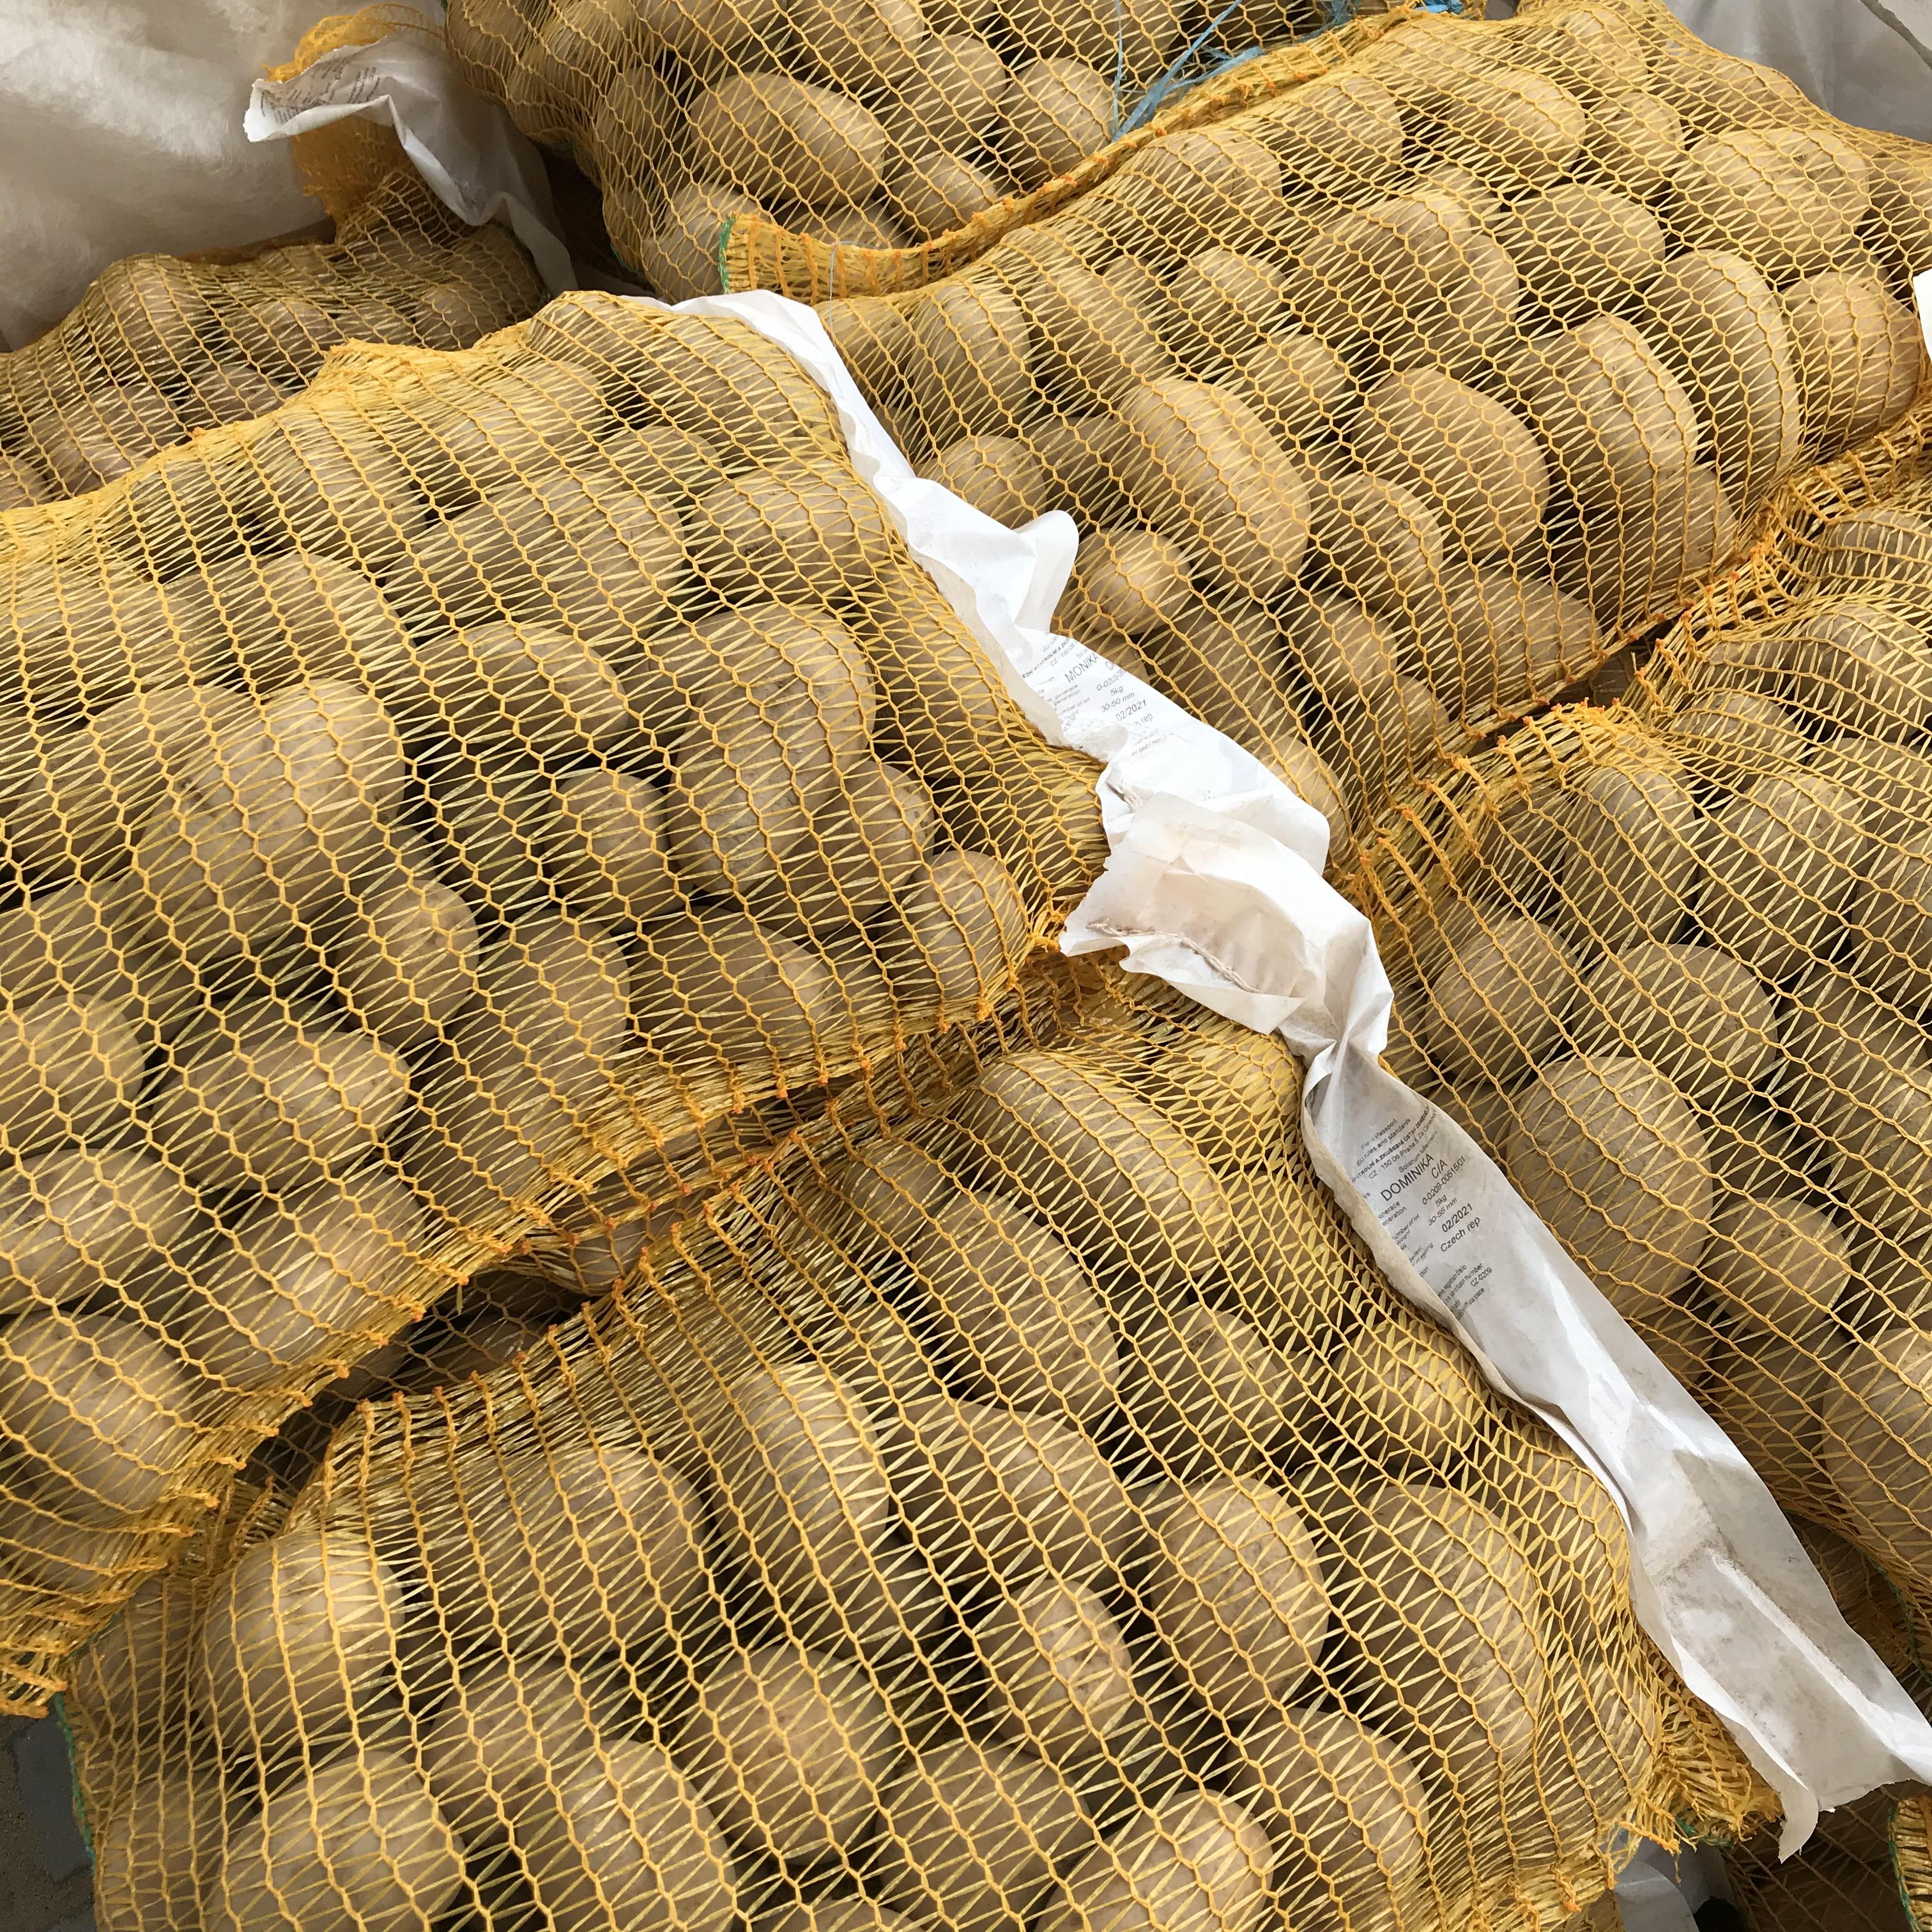 Zahájen prodej sadbových brambor